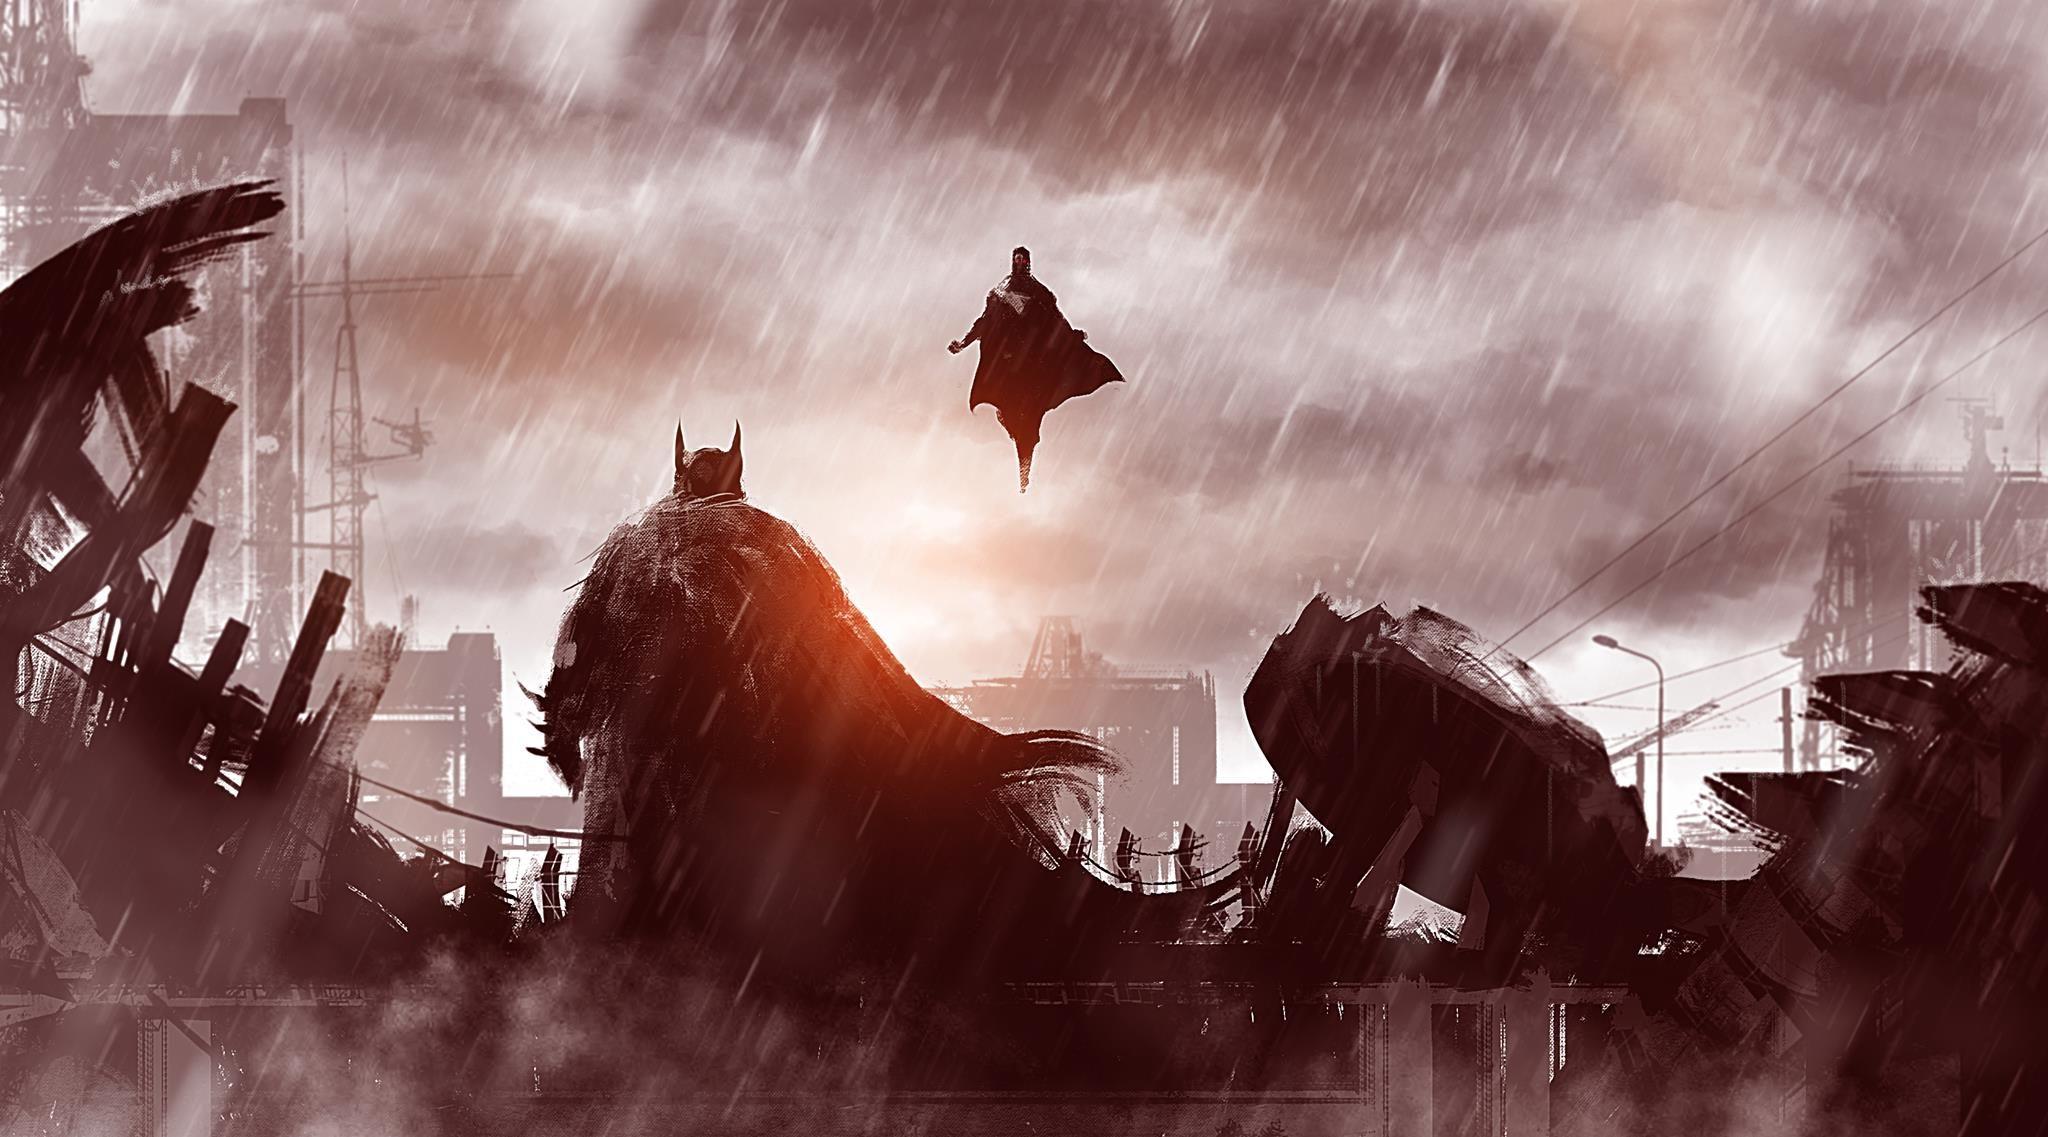 Batman V Superman Wallpaper Wide QIS